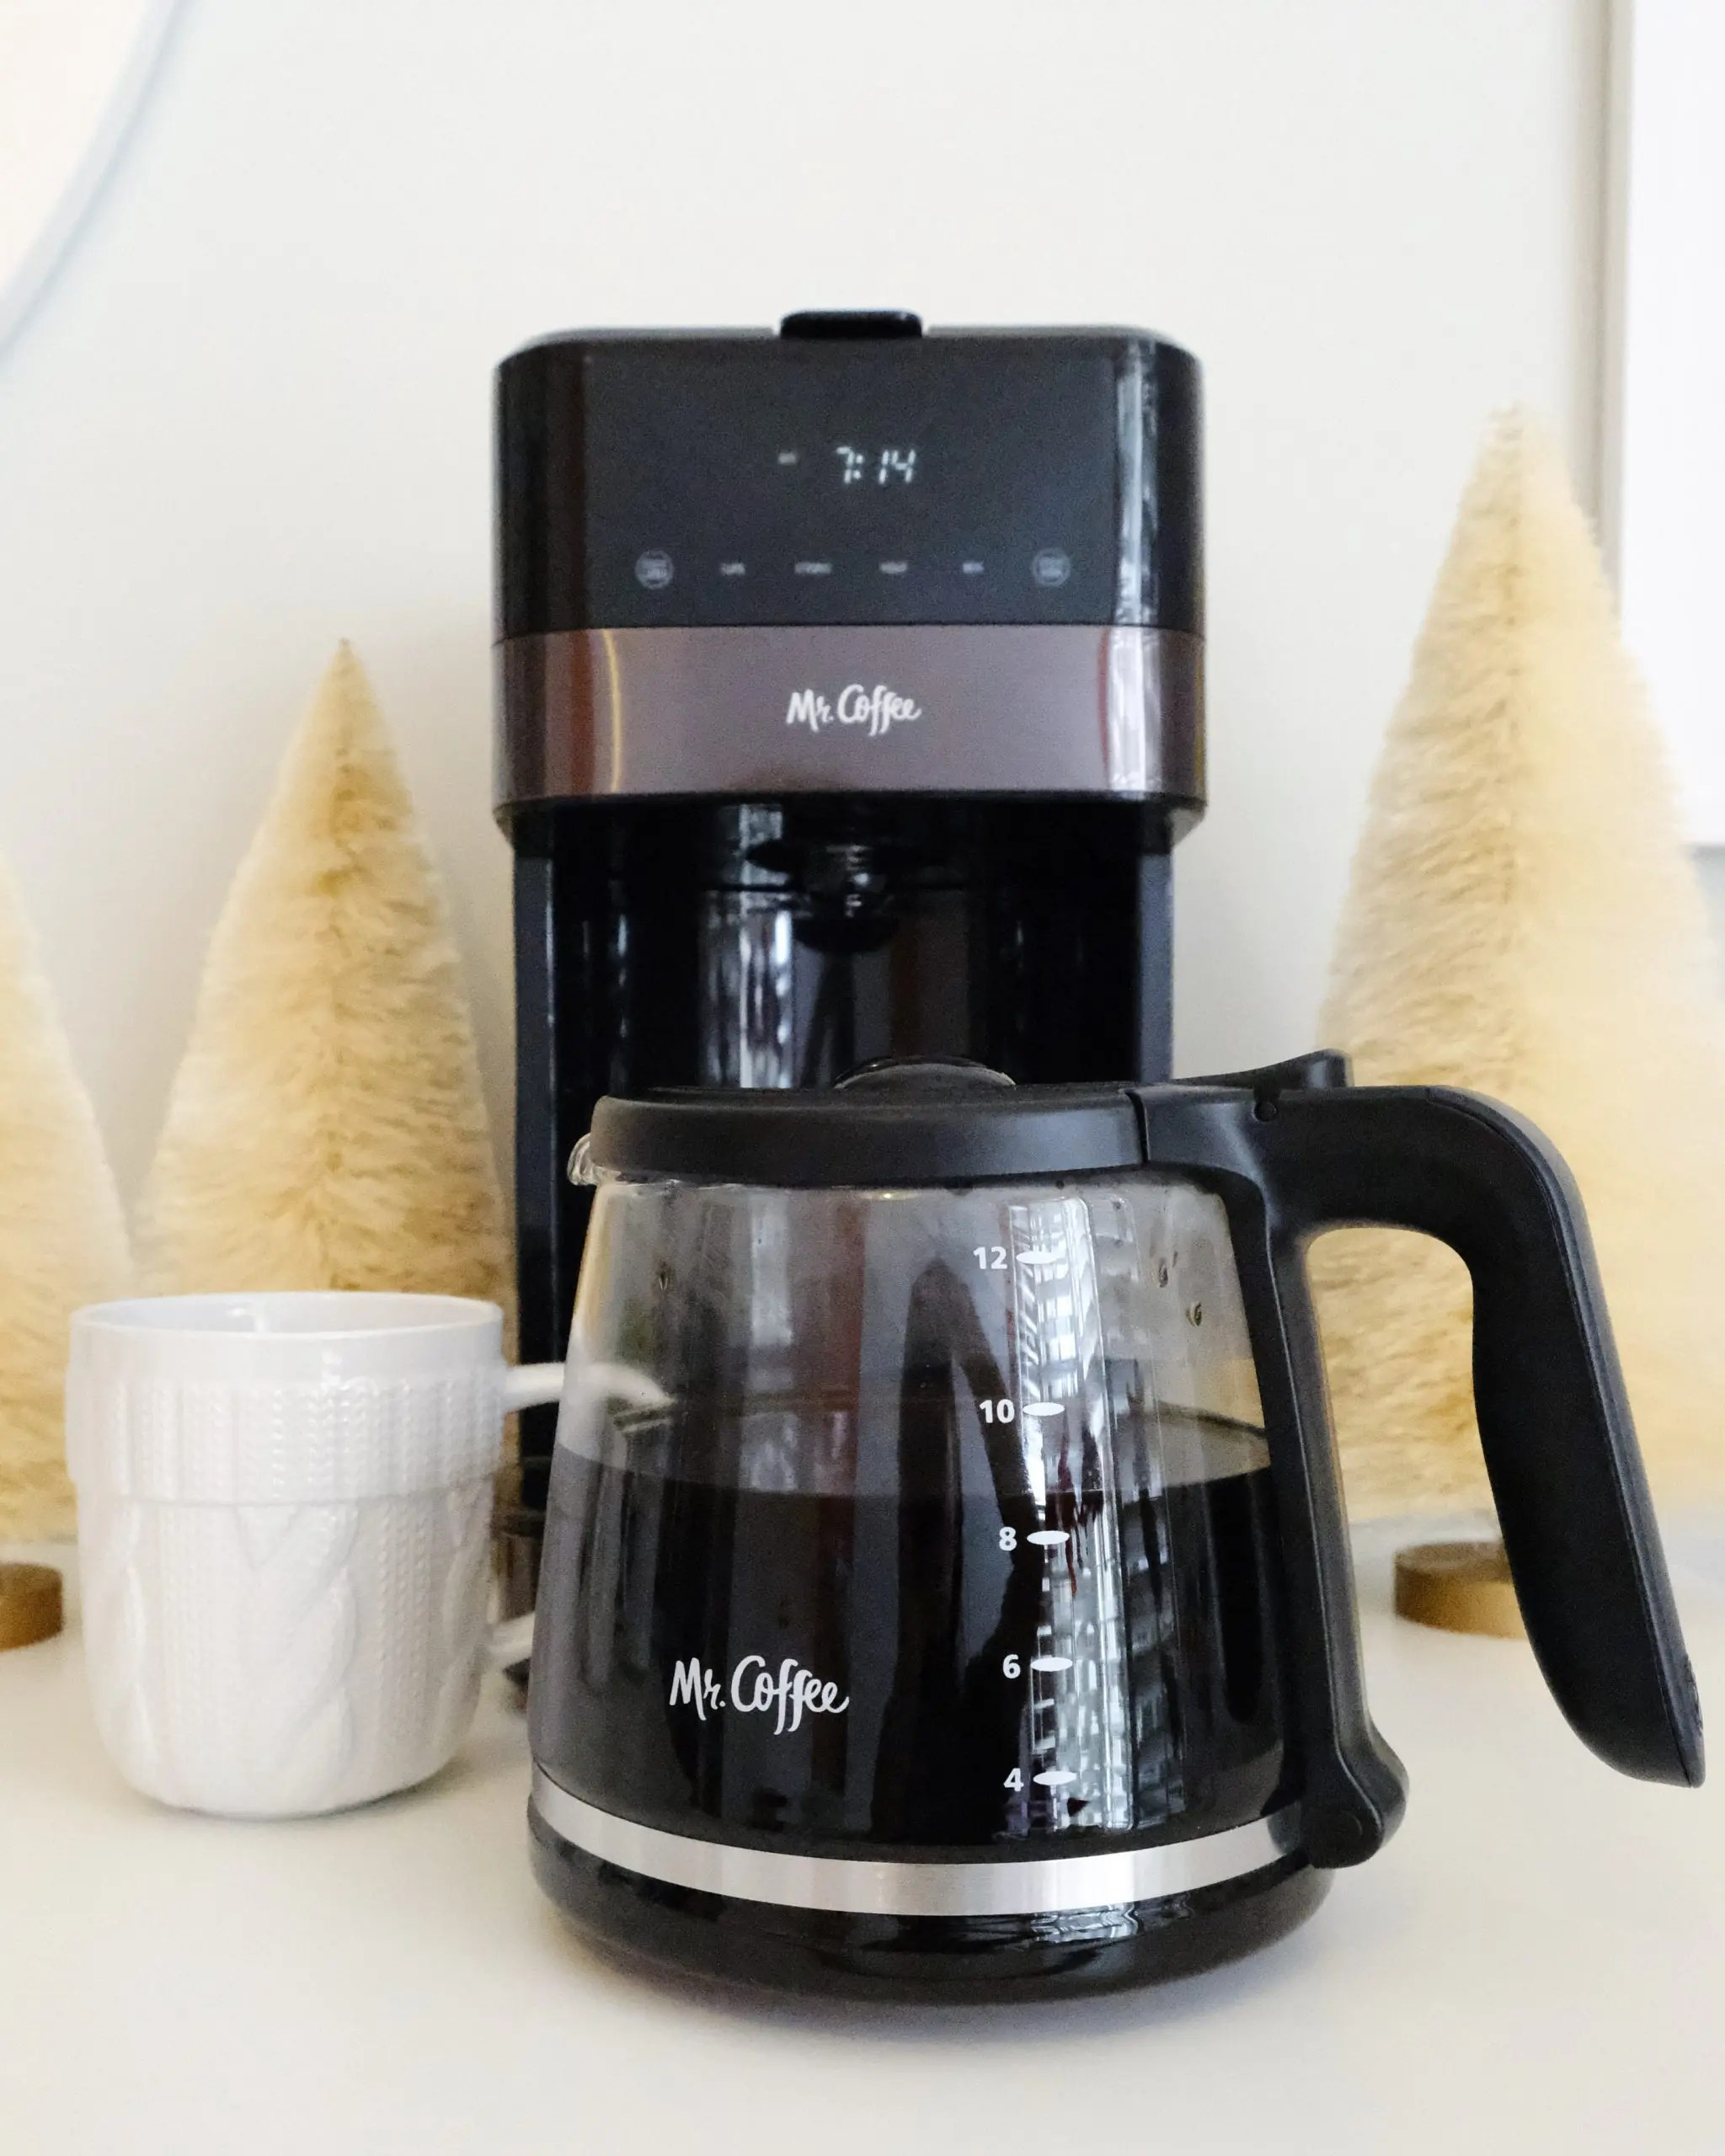 Mr Coffee Touch Coffeemaker At Walmart Walmart Finds